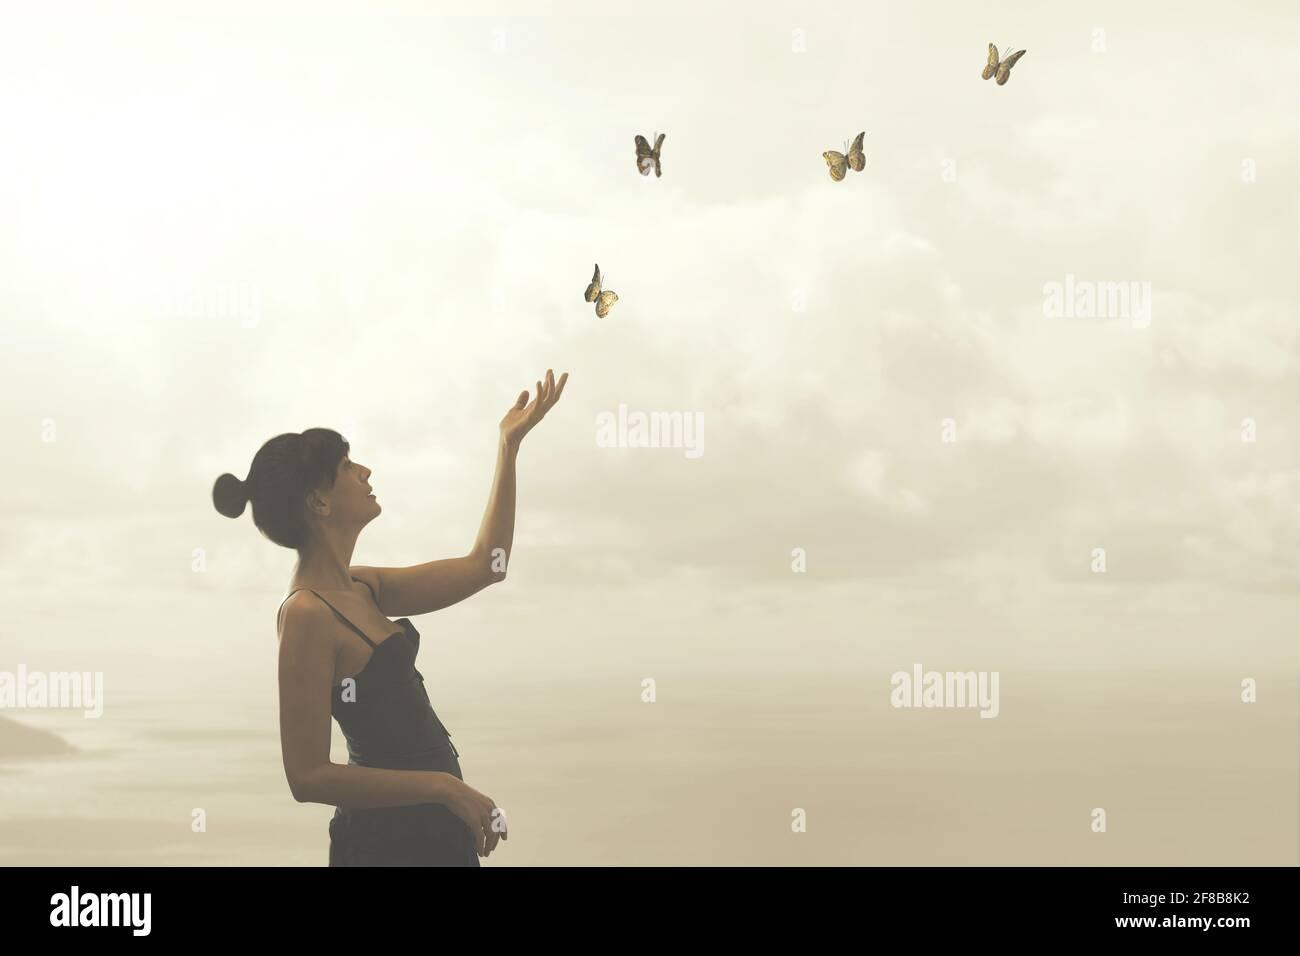 la femme touche doucement les papillons volants libres Banque D'Images